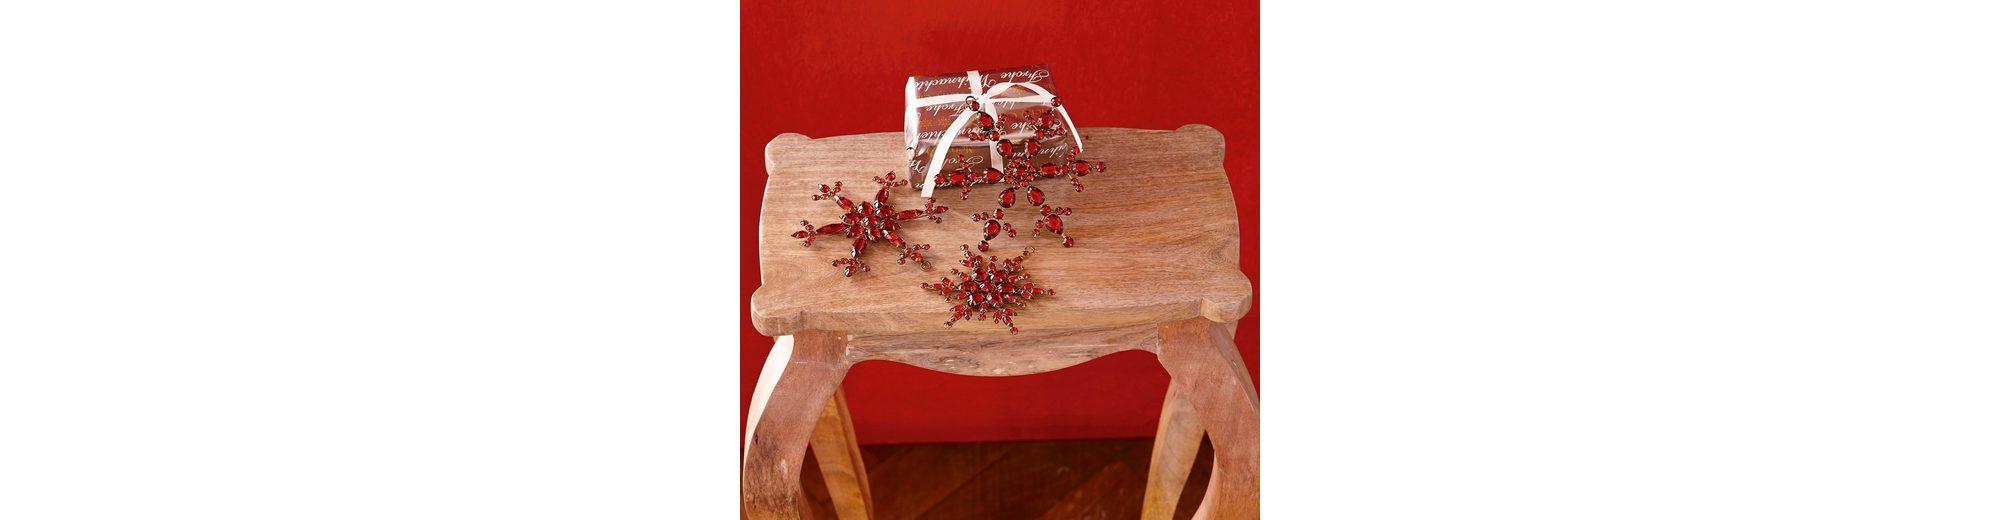 Loberon Weihnachtsschmuck 3er-Set »Selia«